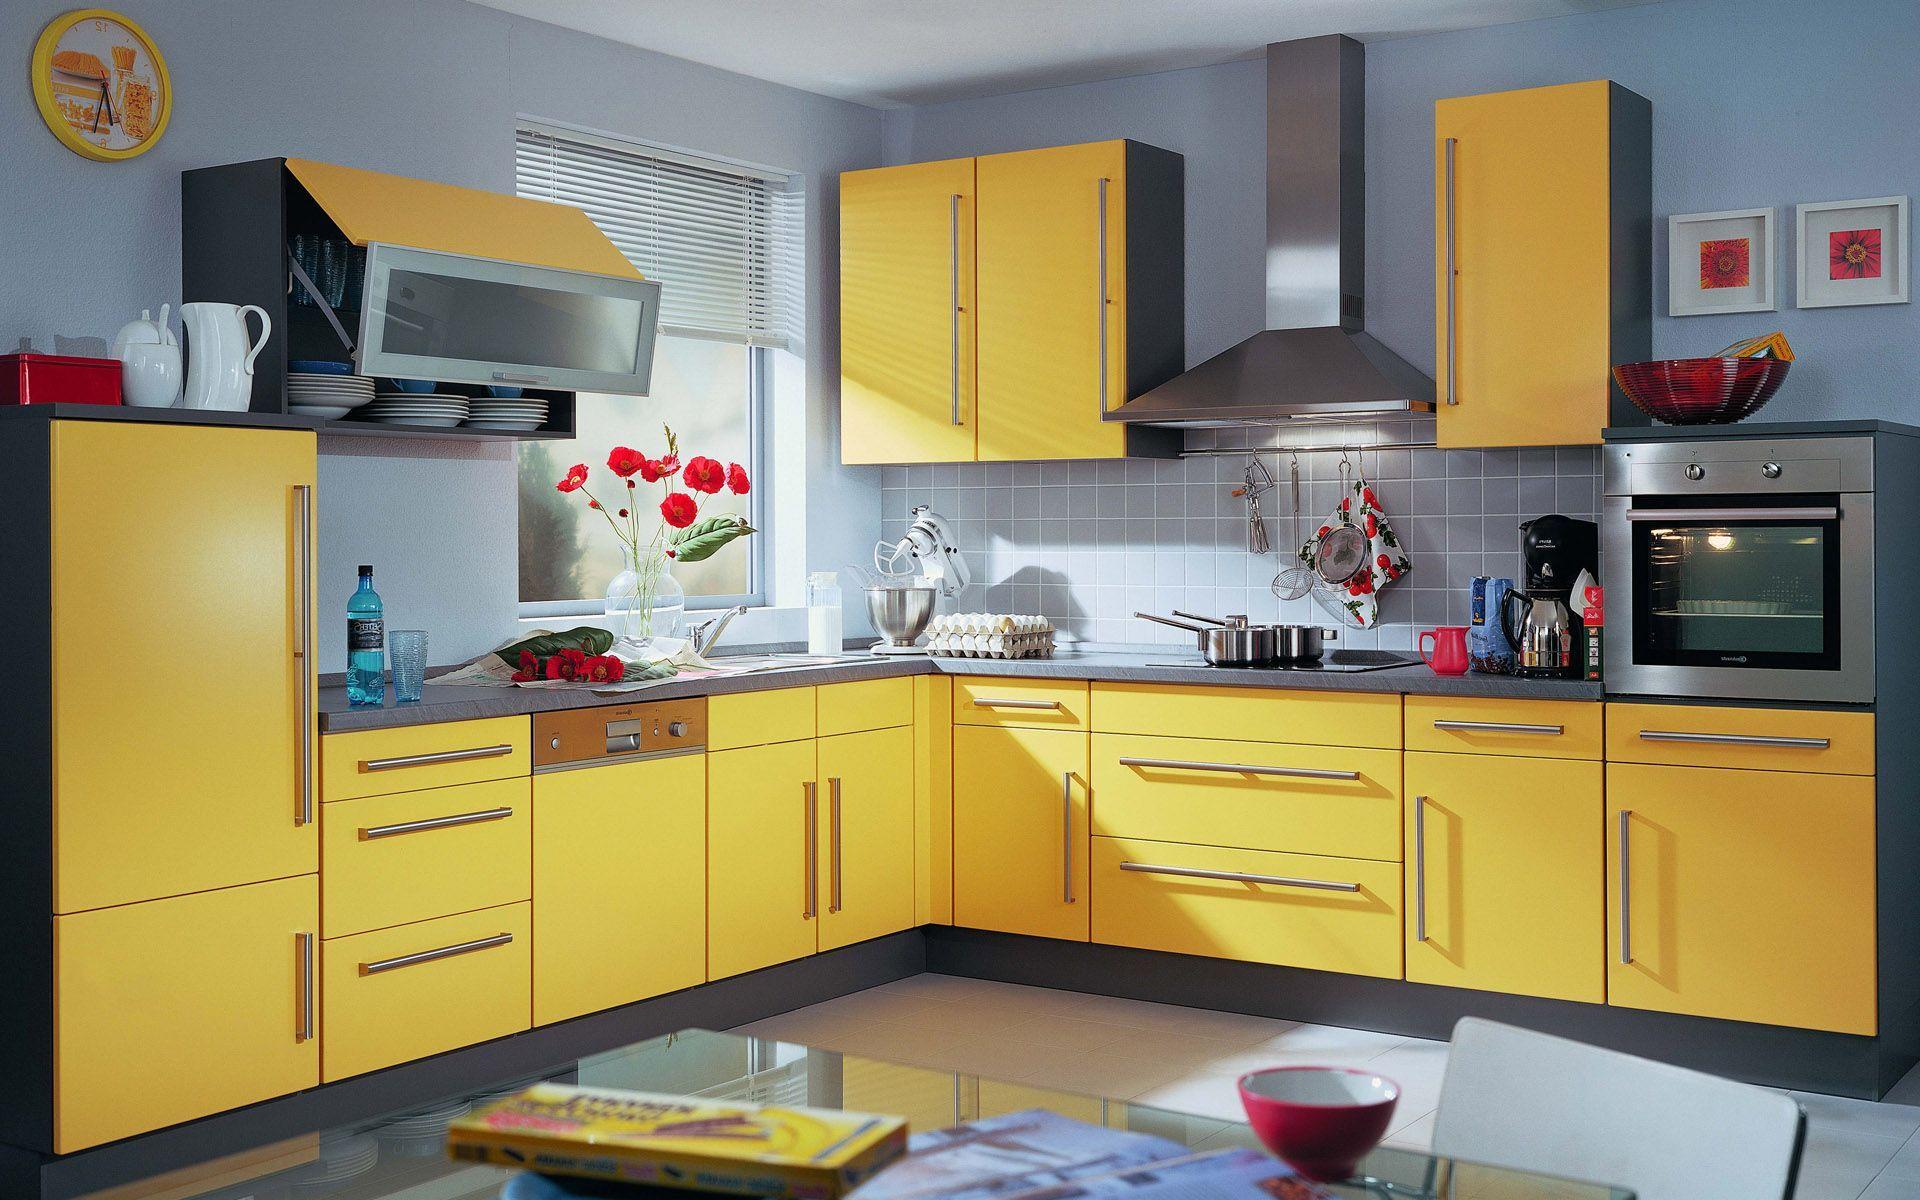 Küchendesign 2018  beste farbschemata für küchen design  küche   pinterest